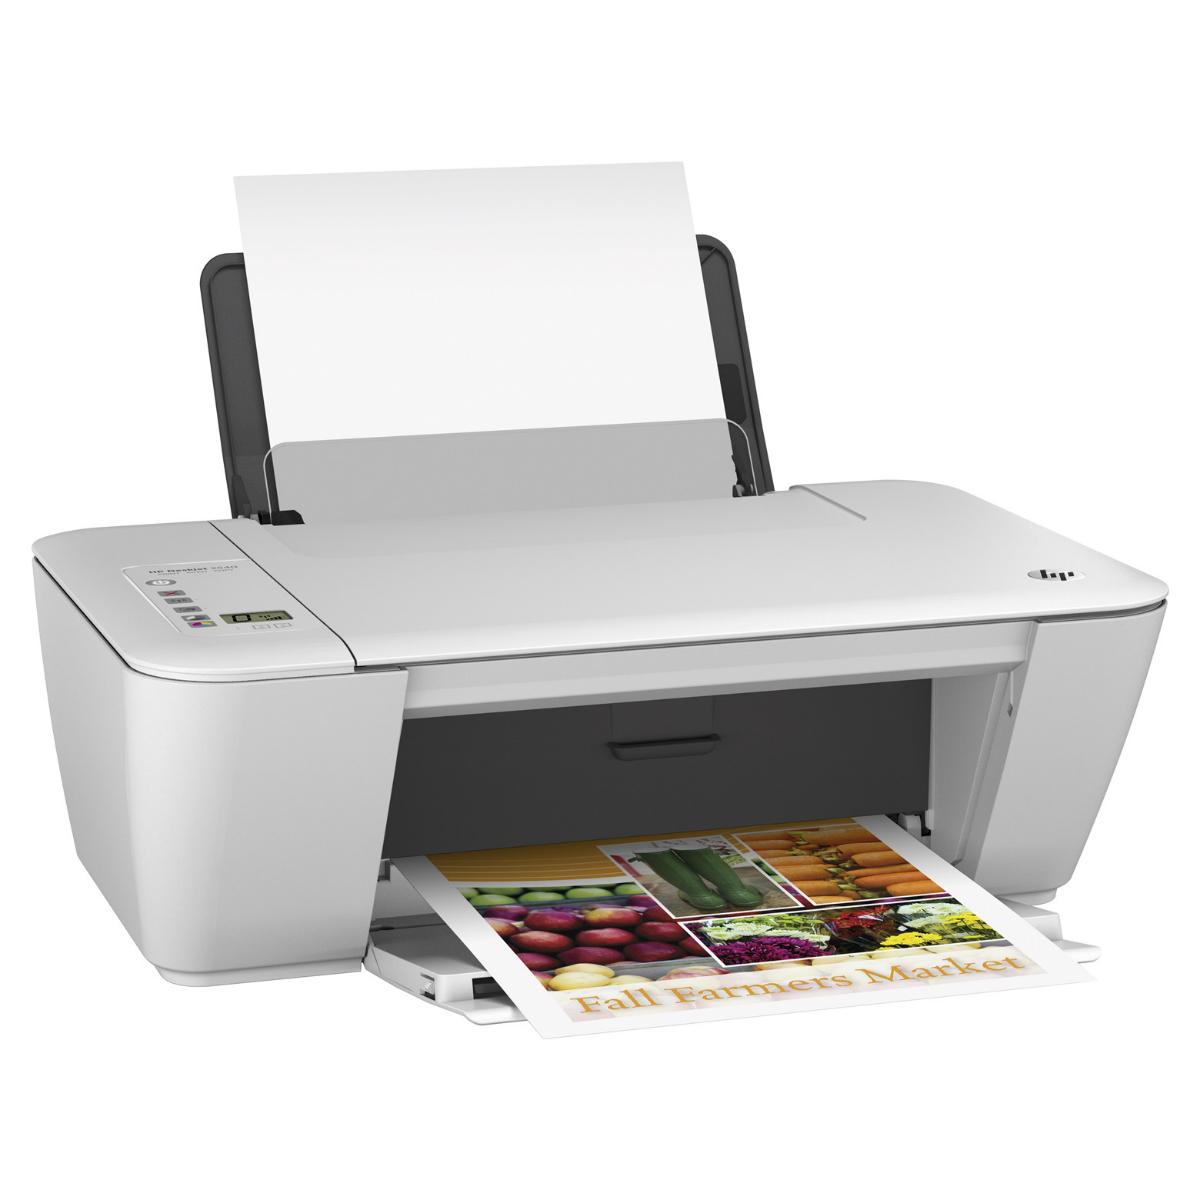 hp deskjet 2540 aio imprimante multifonction hp sur. Black Bedroom Furniture Sets. Home Design Ideas